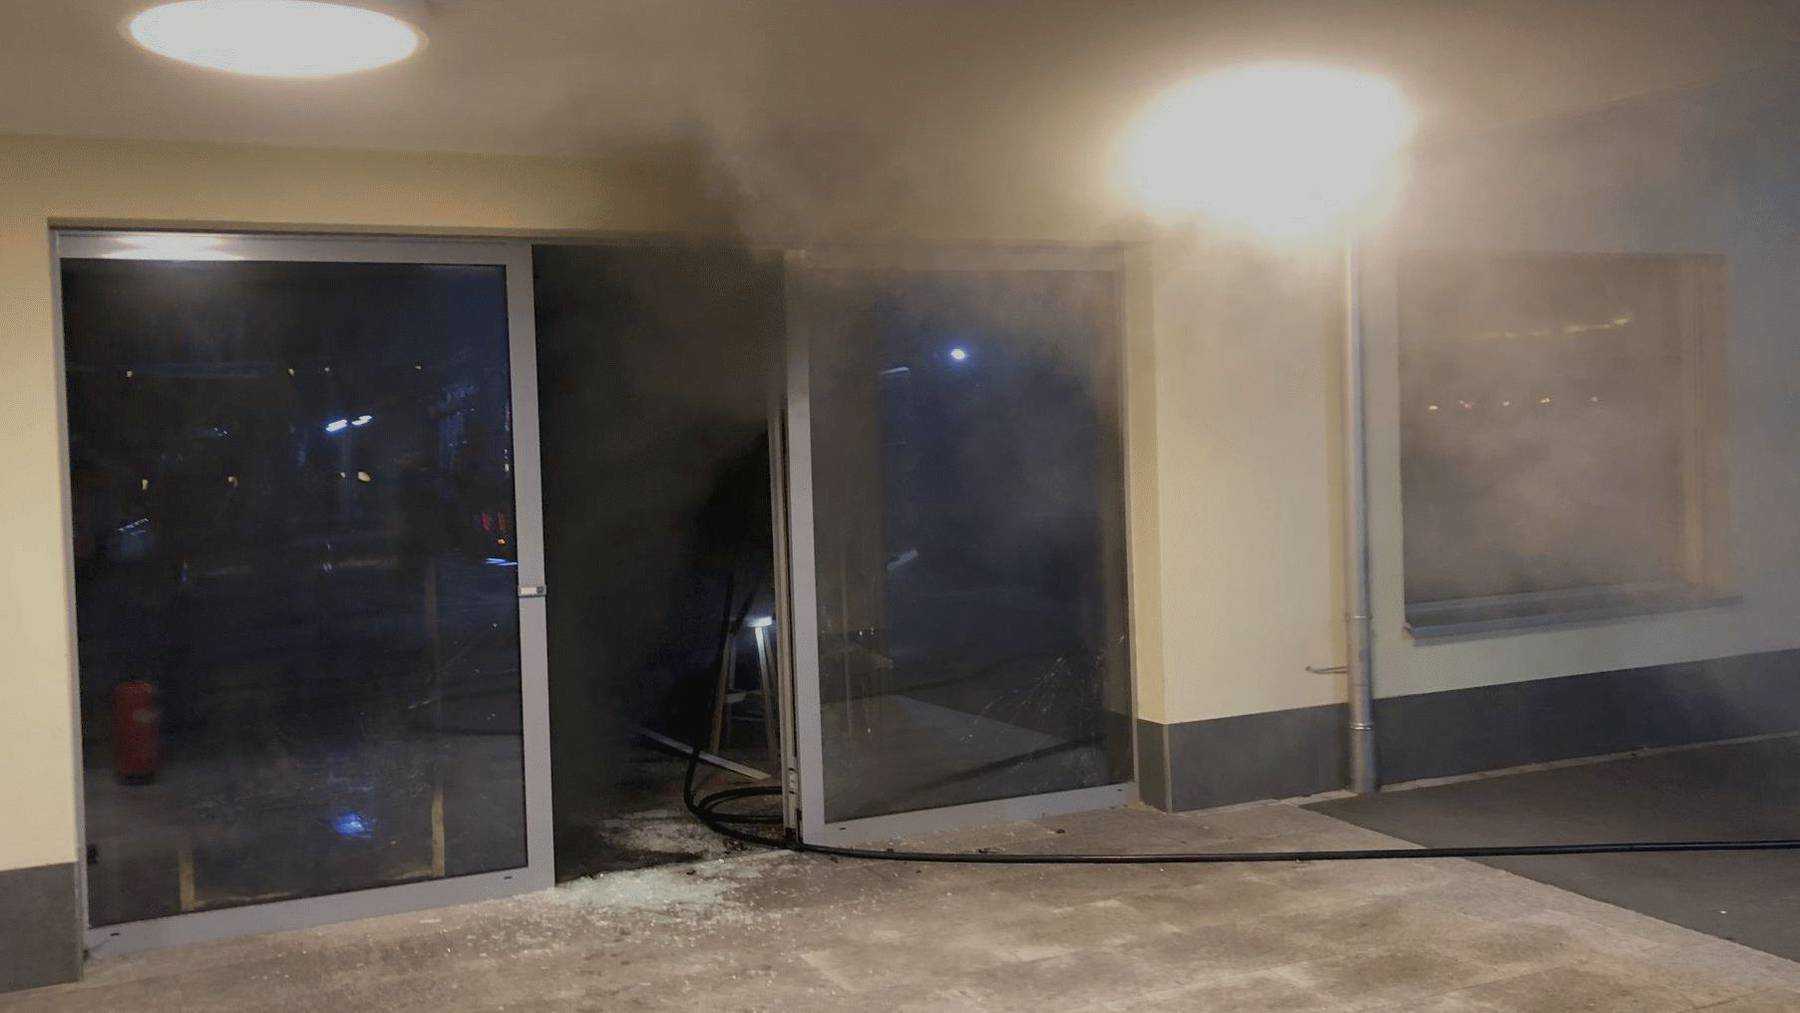 Die Feuerwehr musste die Tür des Lokals aufbrechen, um das Feuer im Innern zu löschen.